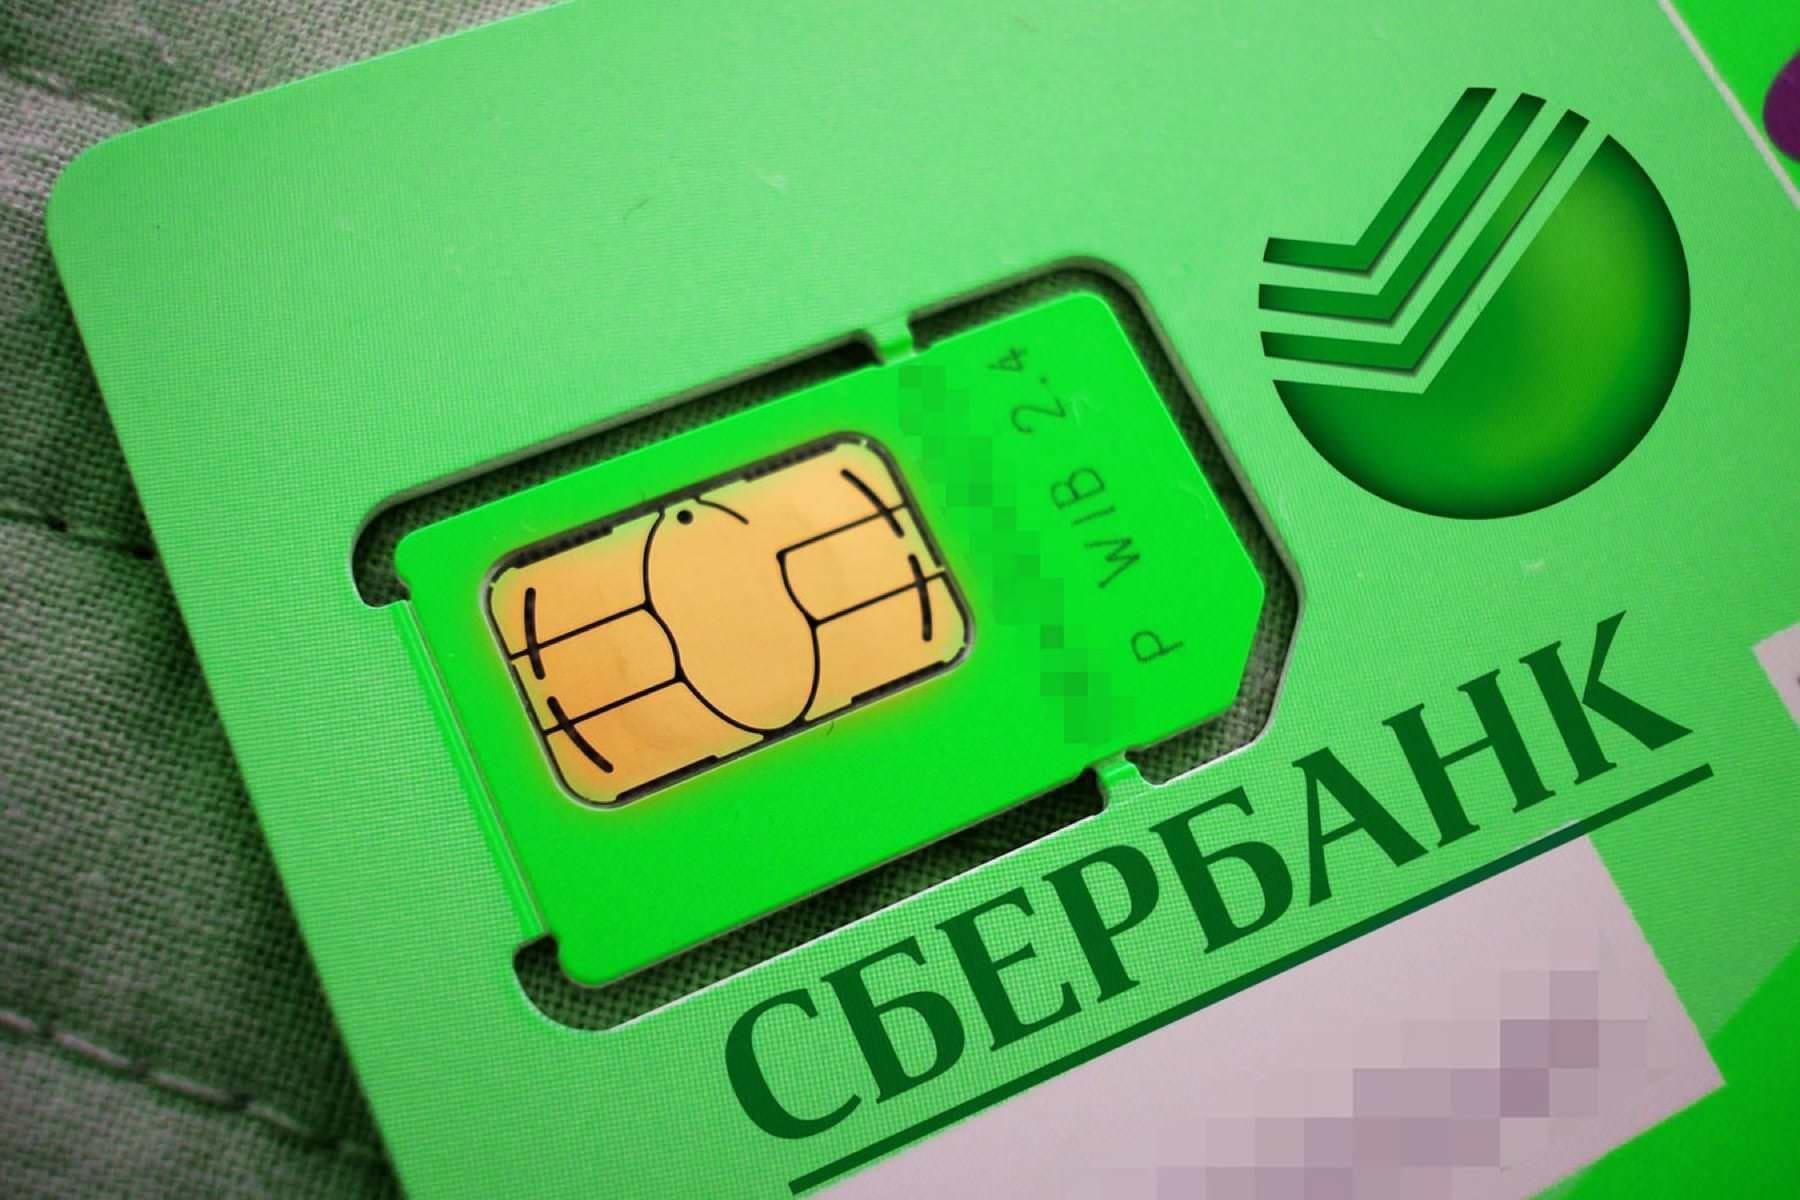 Сберегательный банк объявил озапуске виртуального мобильного оператора «СберМобайл»